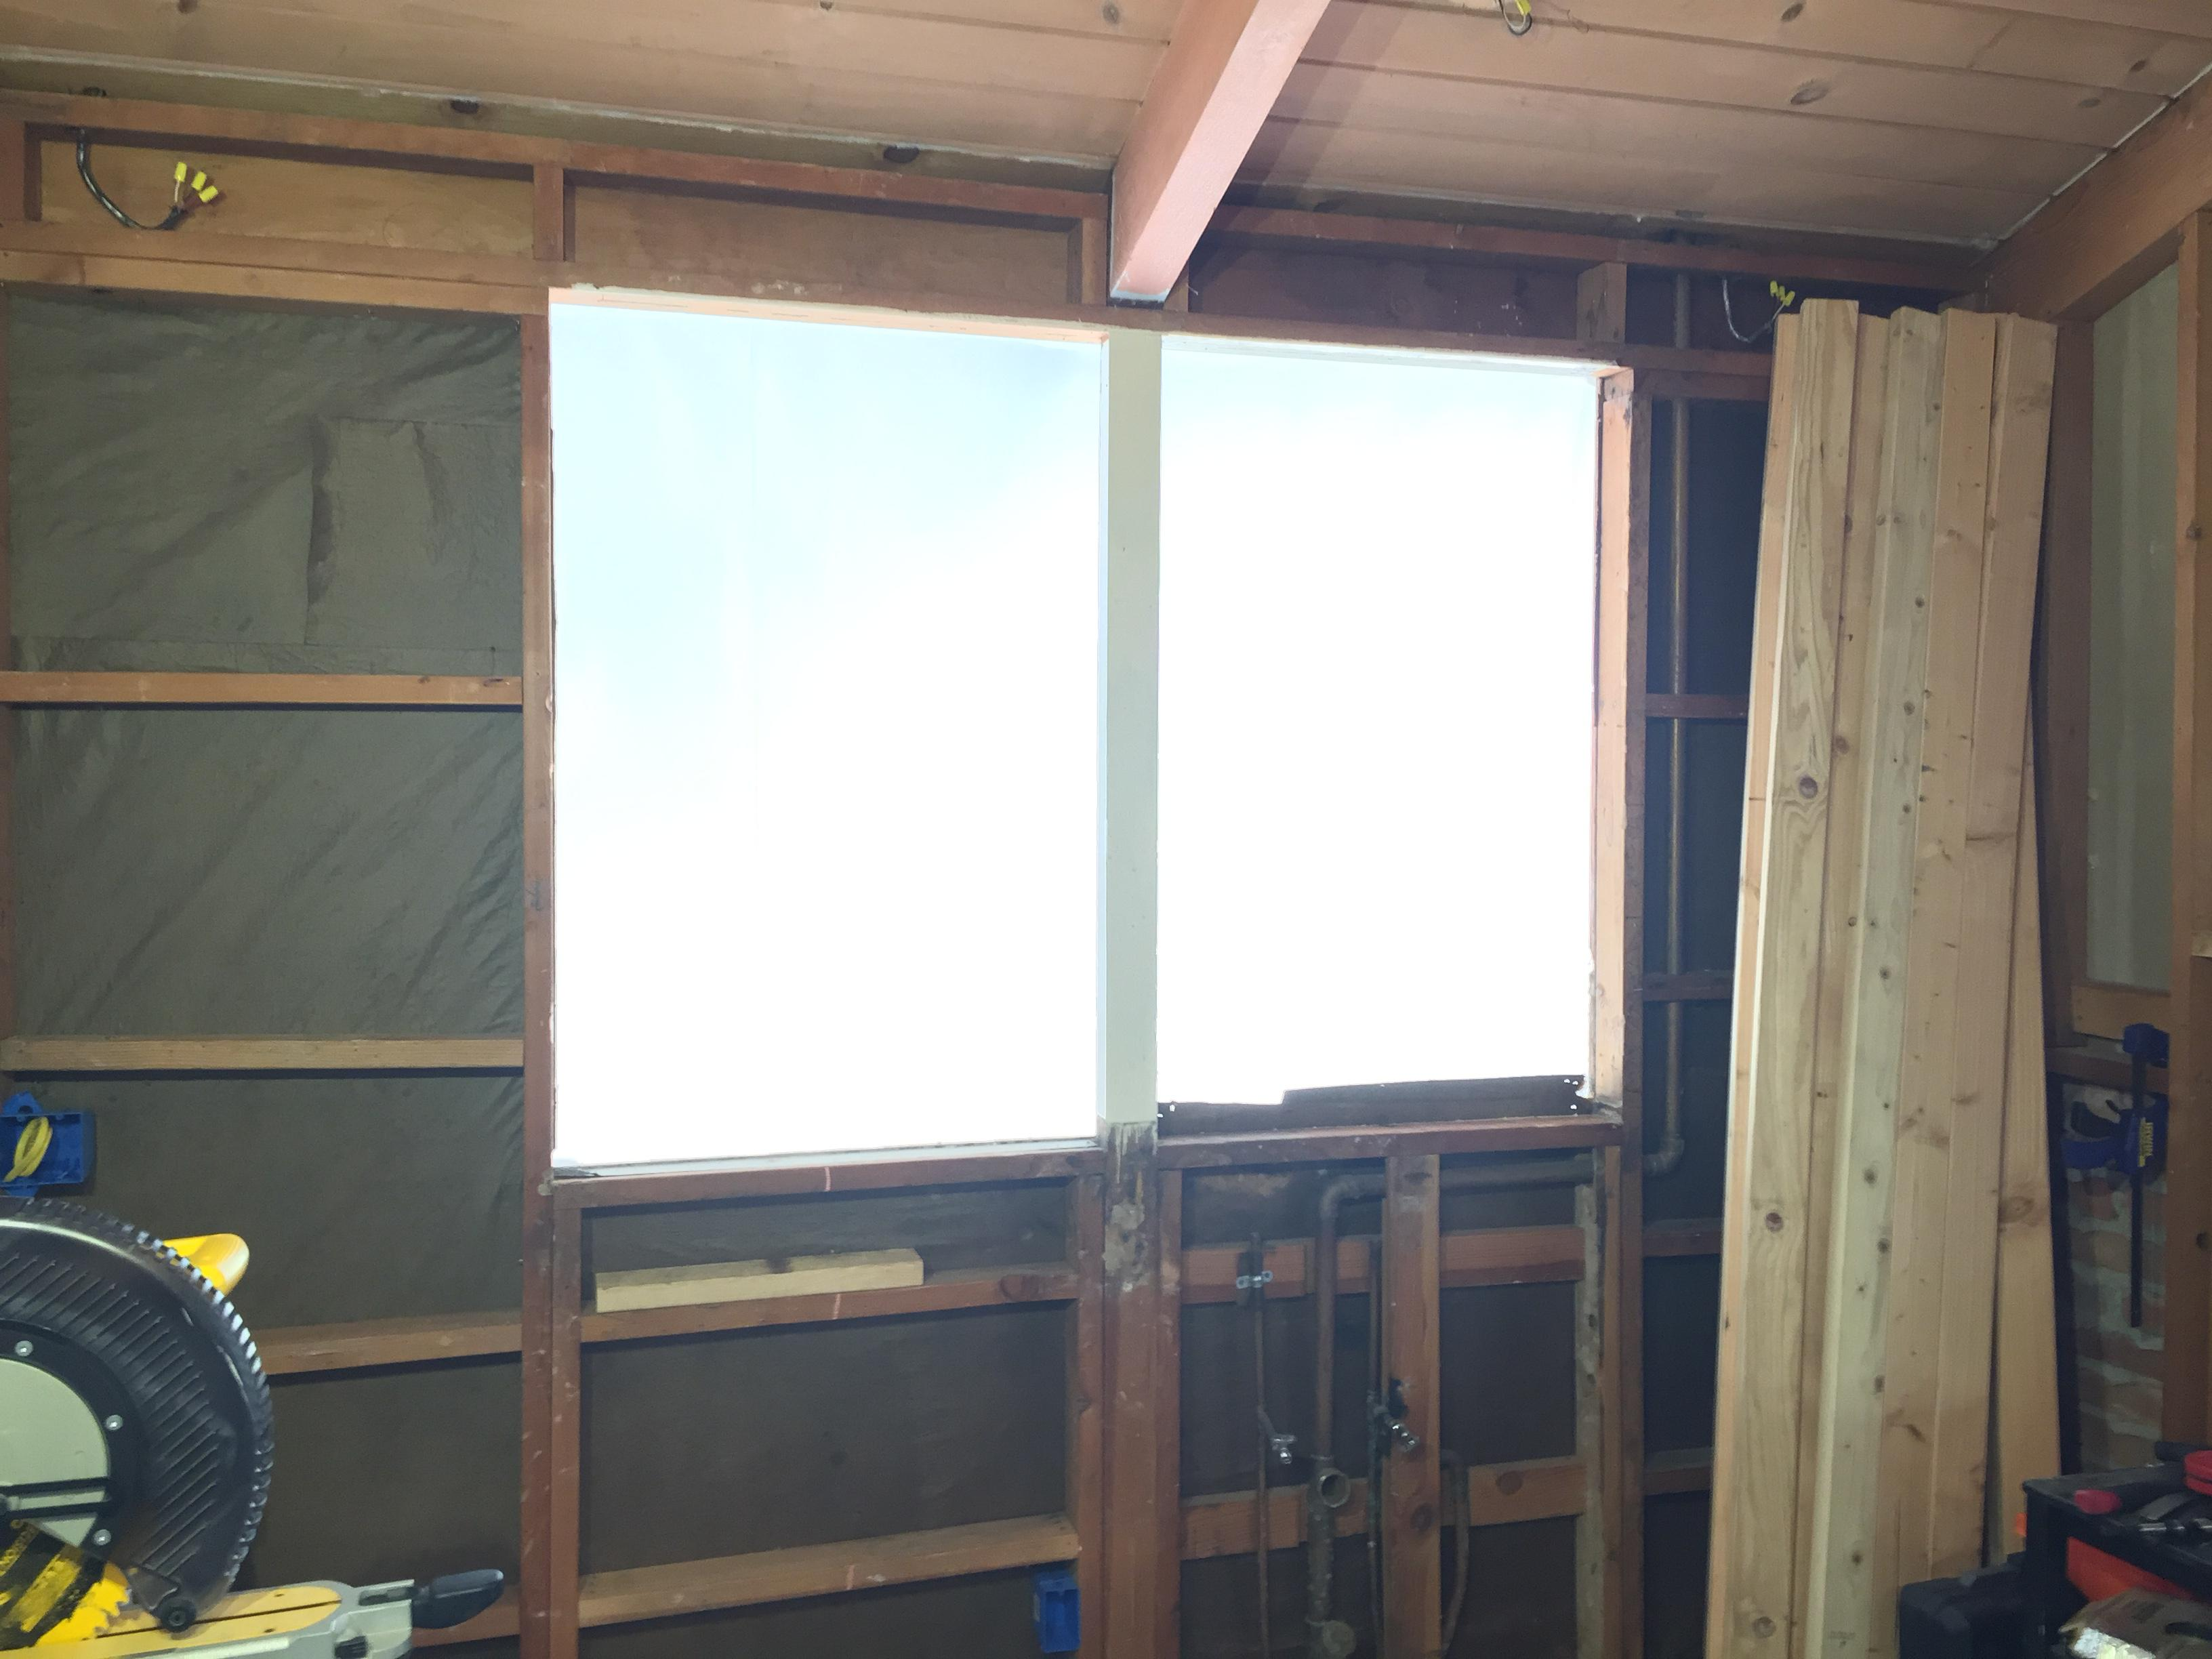 Fullsize Of Framing A Window